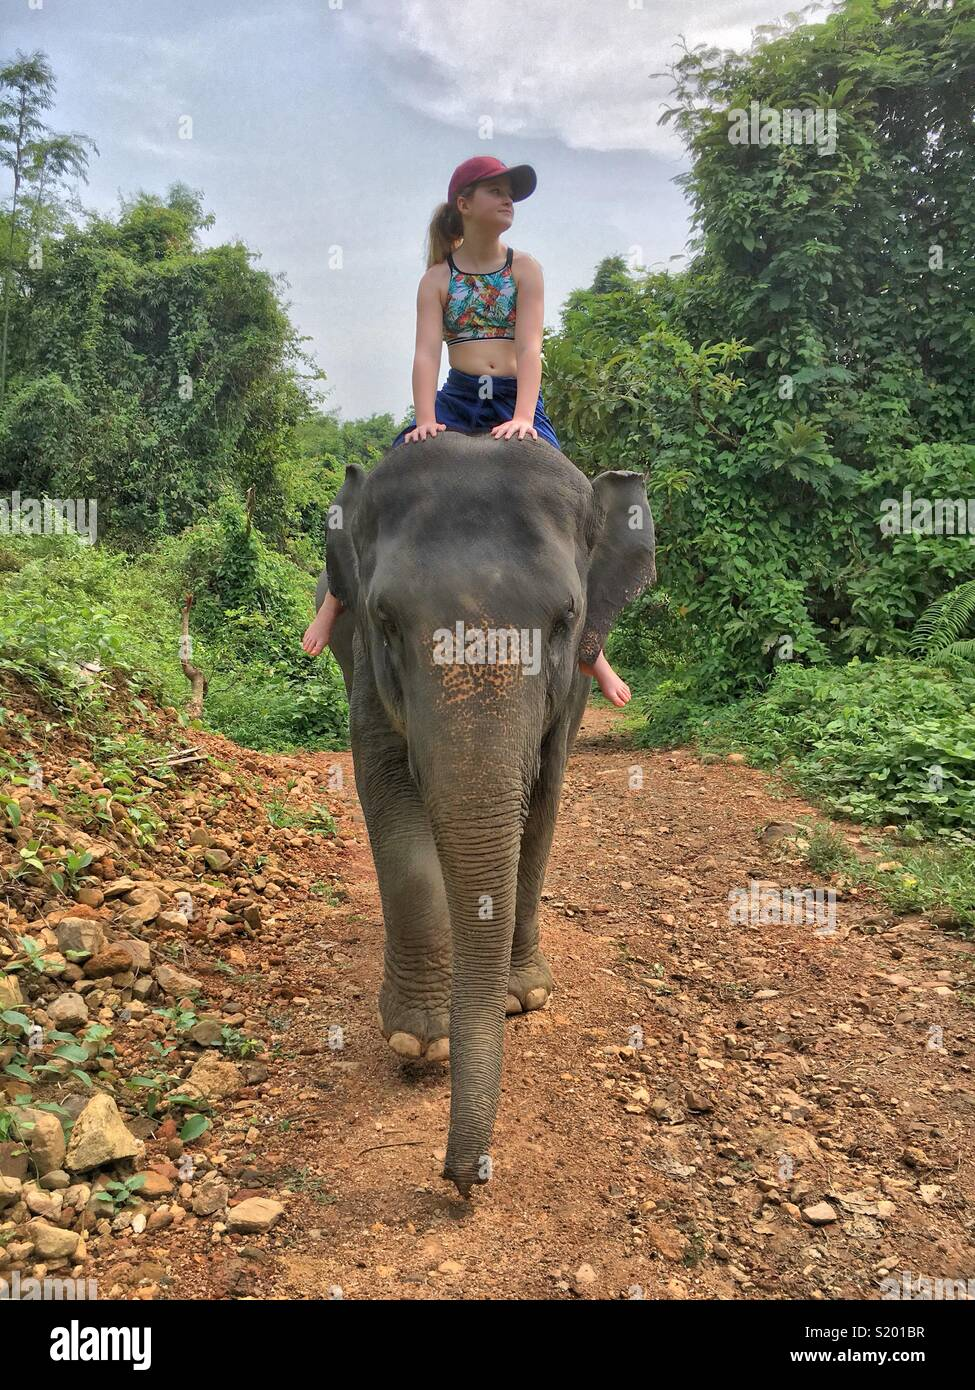 Ragazza giovane cavalcare un elefante - anteriore ON Immagini Stock